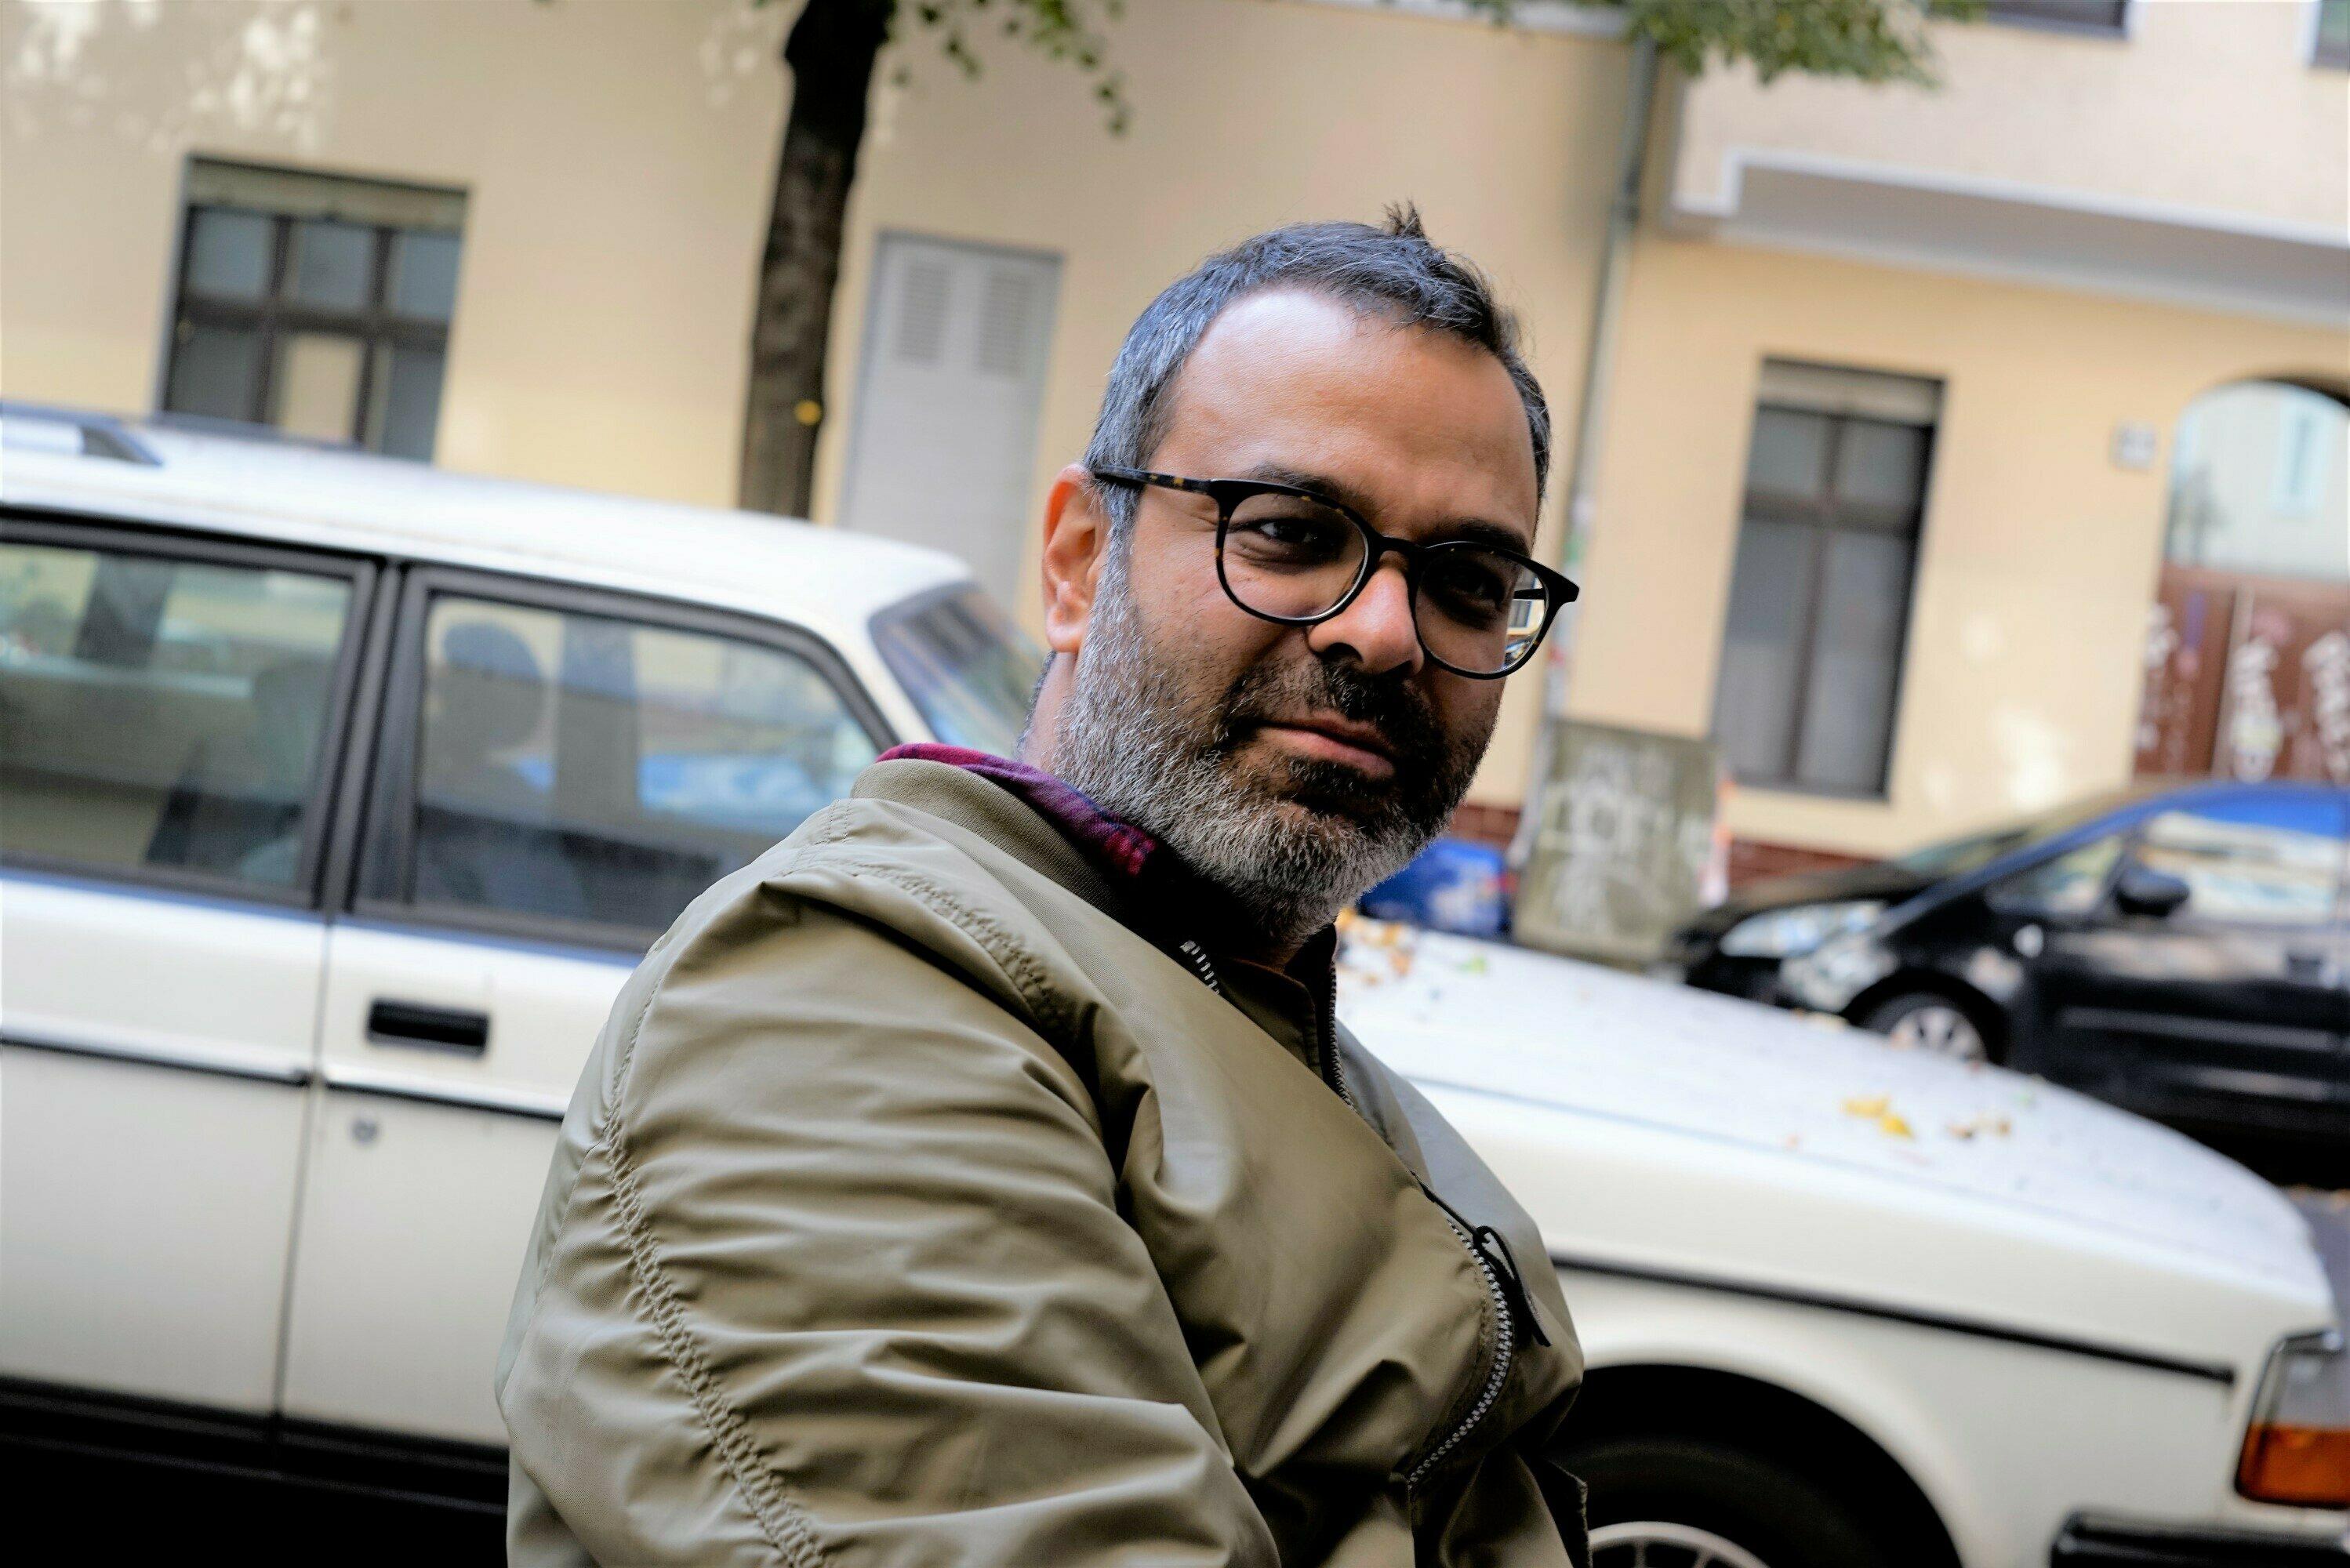 Künstlerportrait Asad Raza Benutzerdefiniert